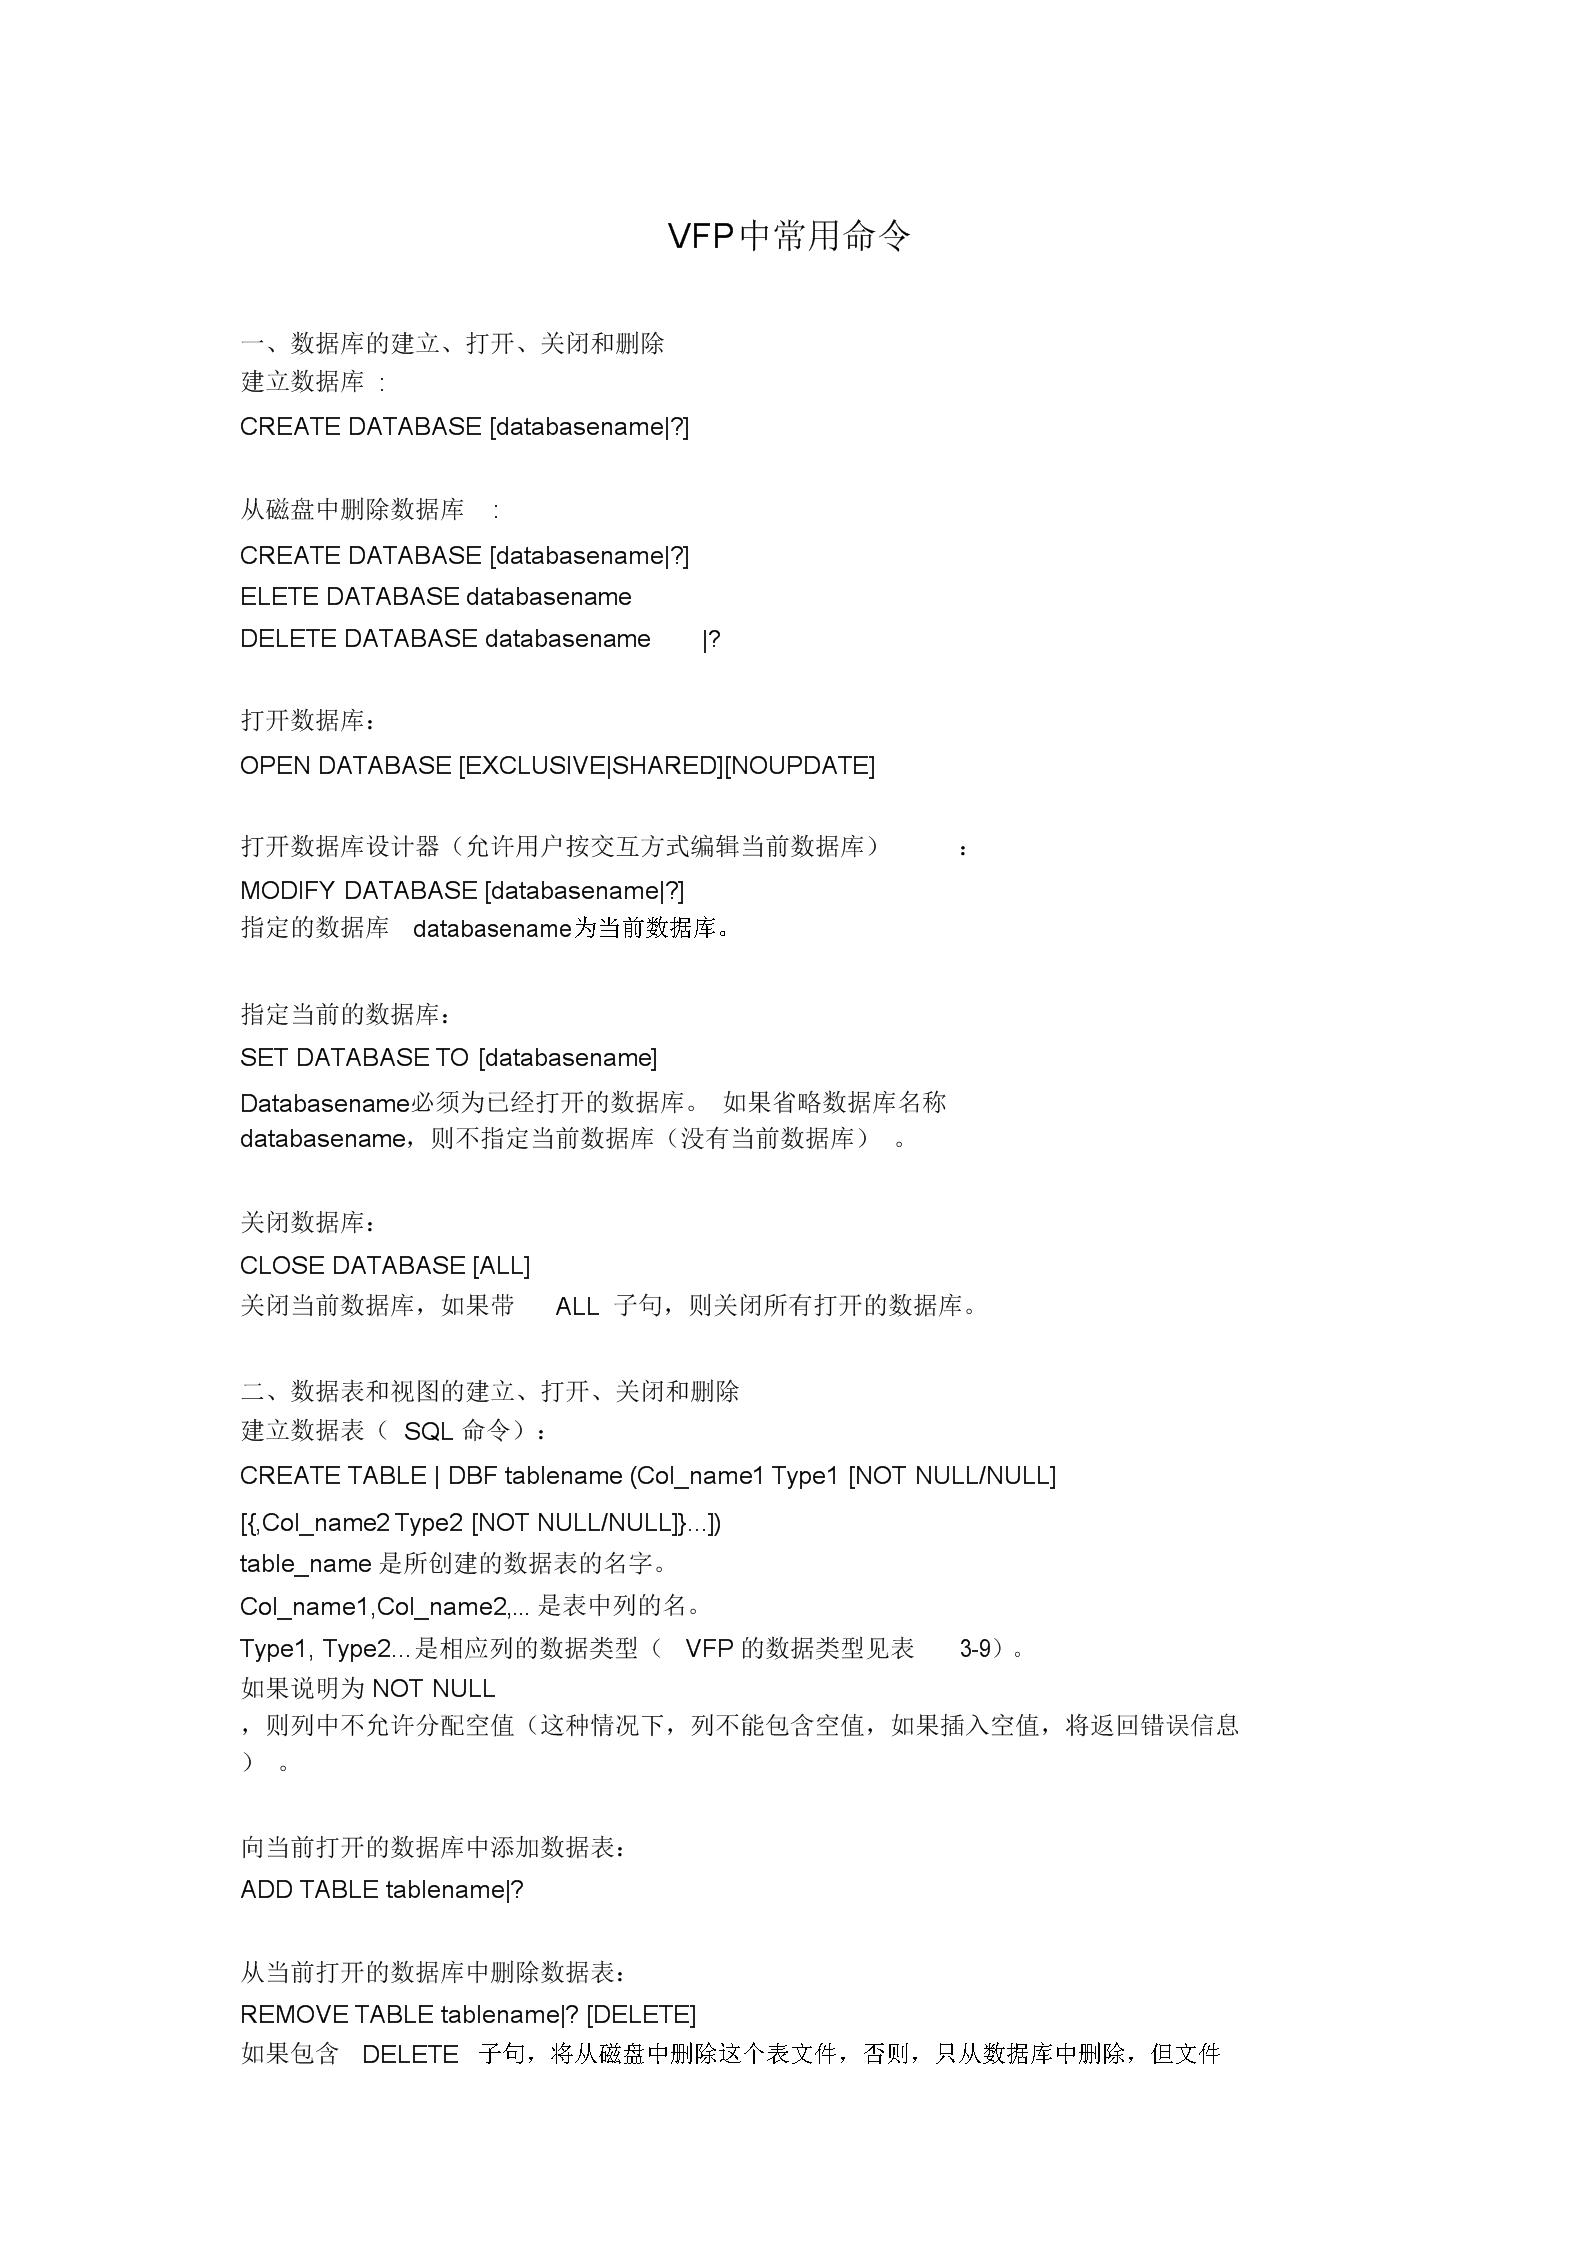 (完整版)VFP中常用命令.doc